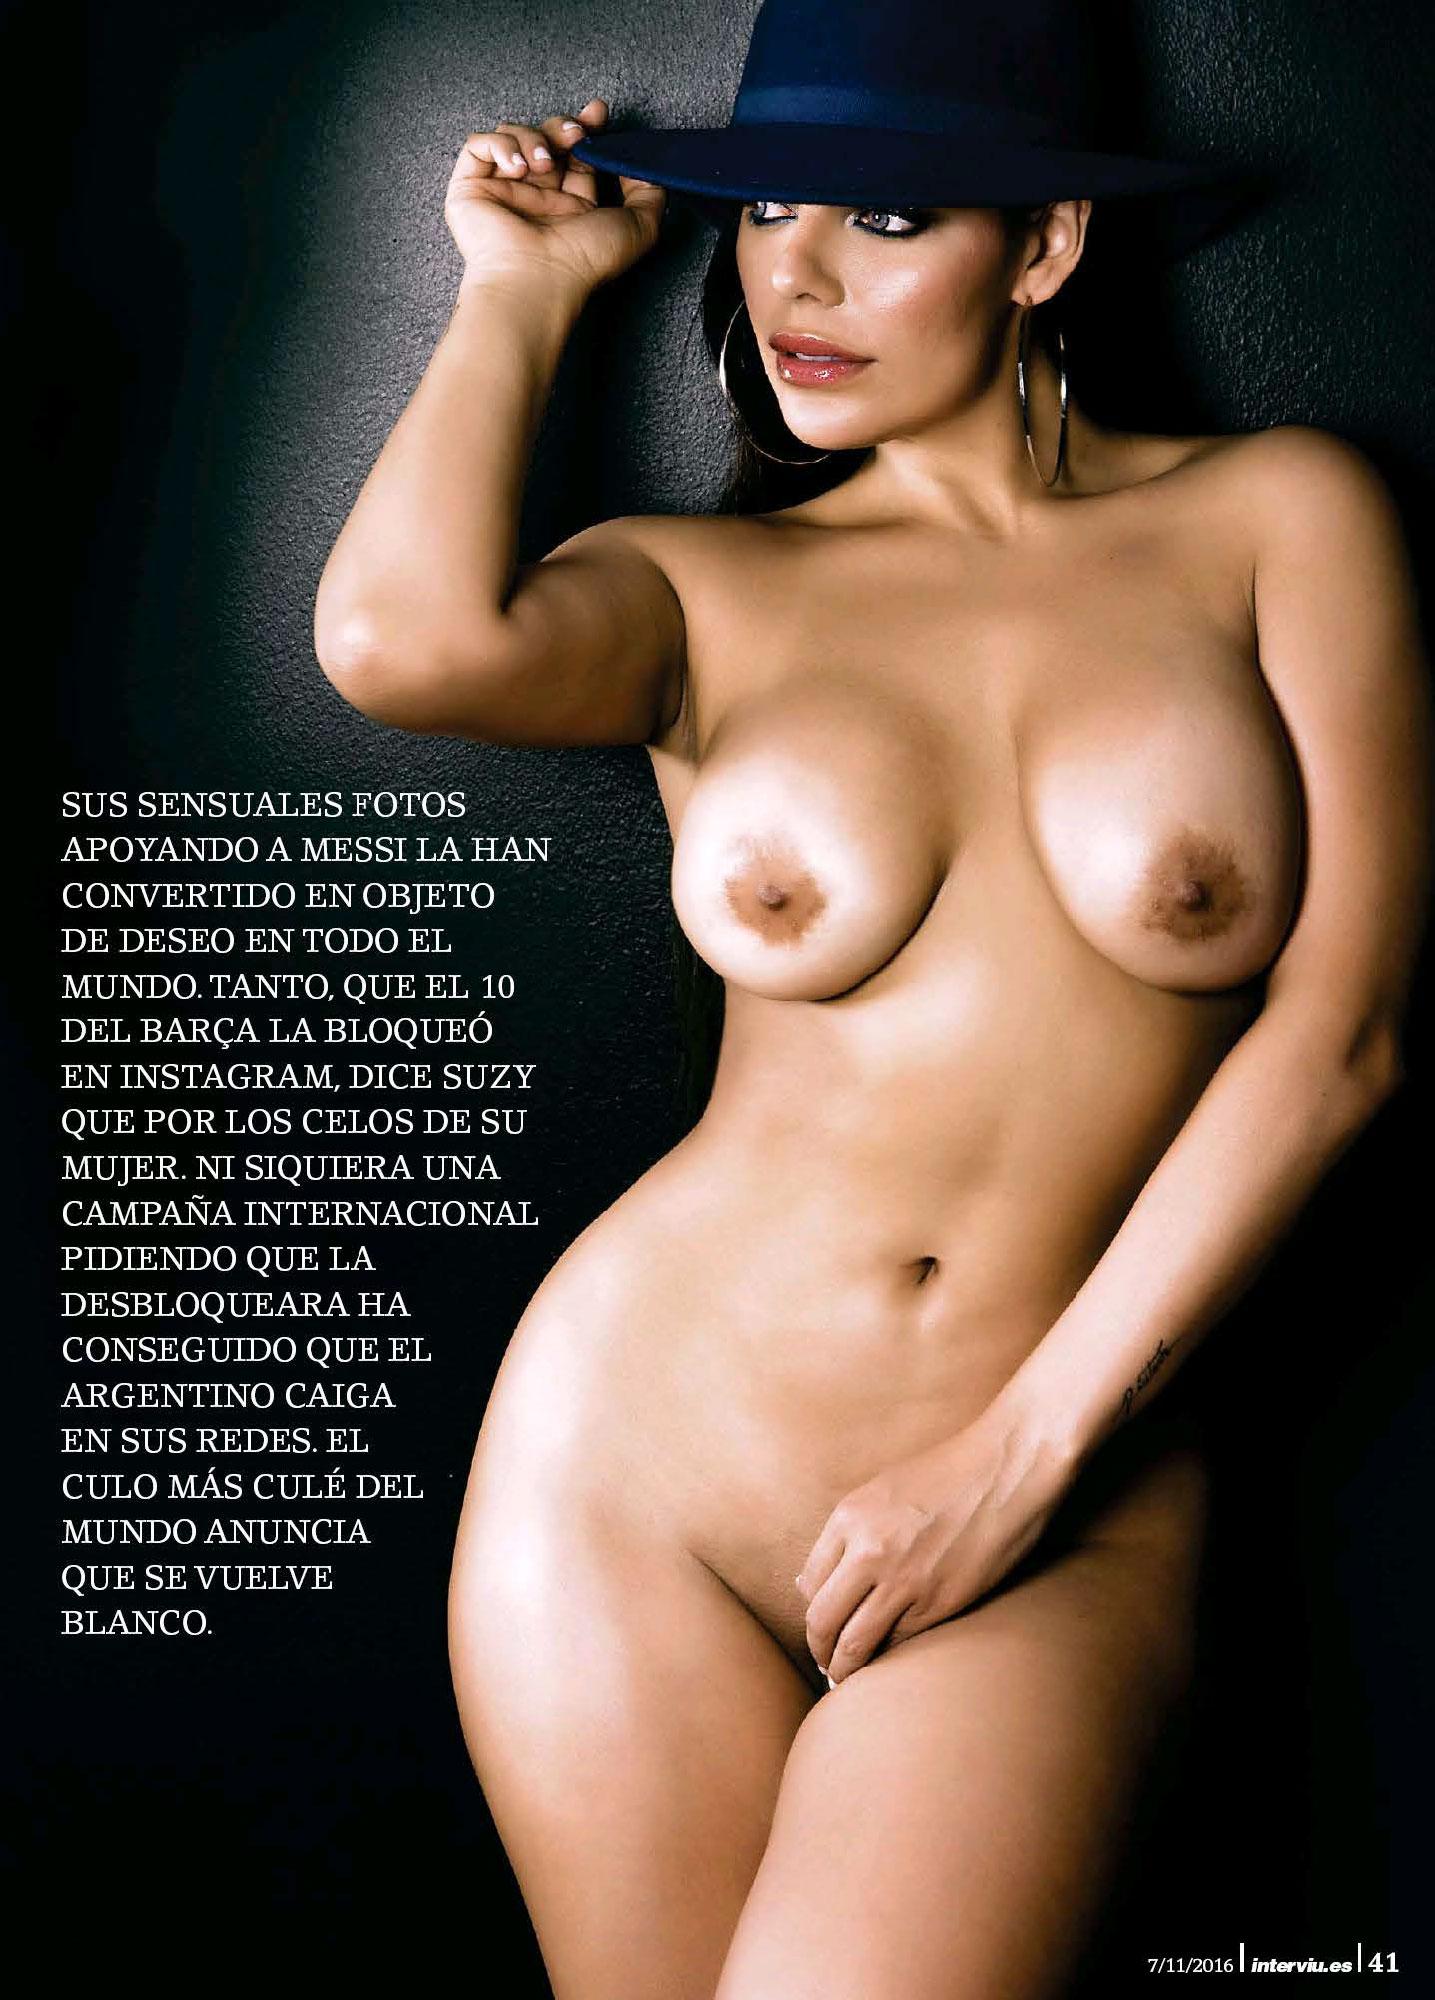 Facebook nidia garcia la policia sexy foto topless - 3 part 8